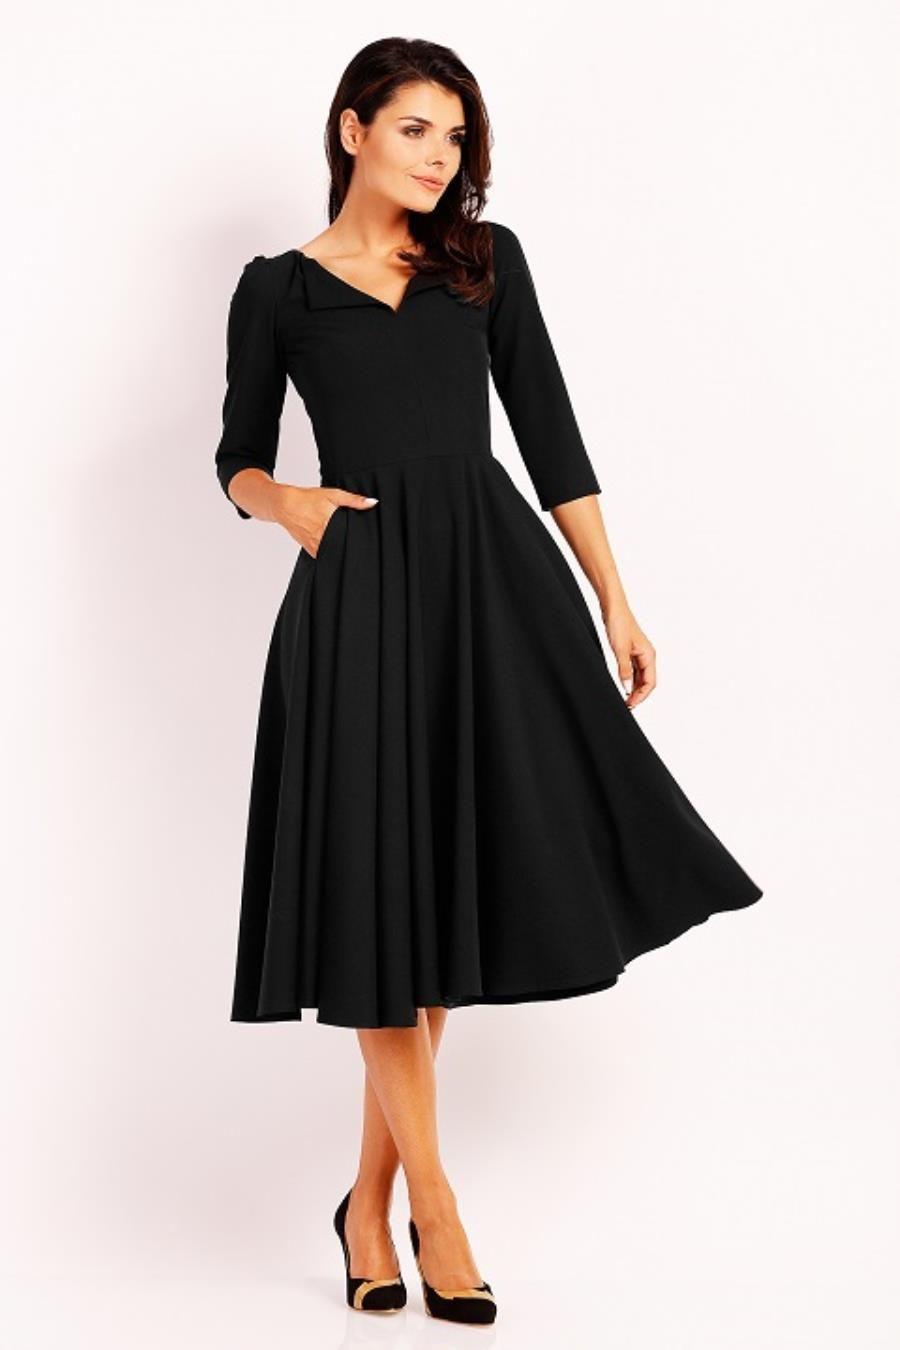 90d9d78f52 Elegancka Sukienka Midi z Dłuższym Rękawem Czarna NA454 in 2019 ...